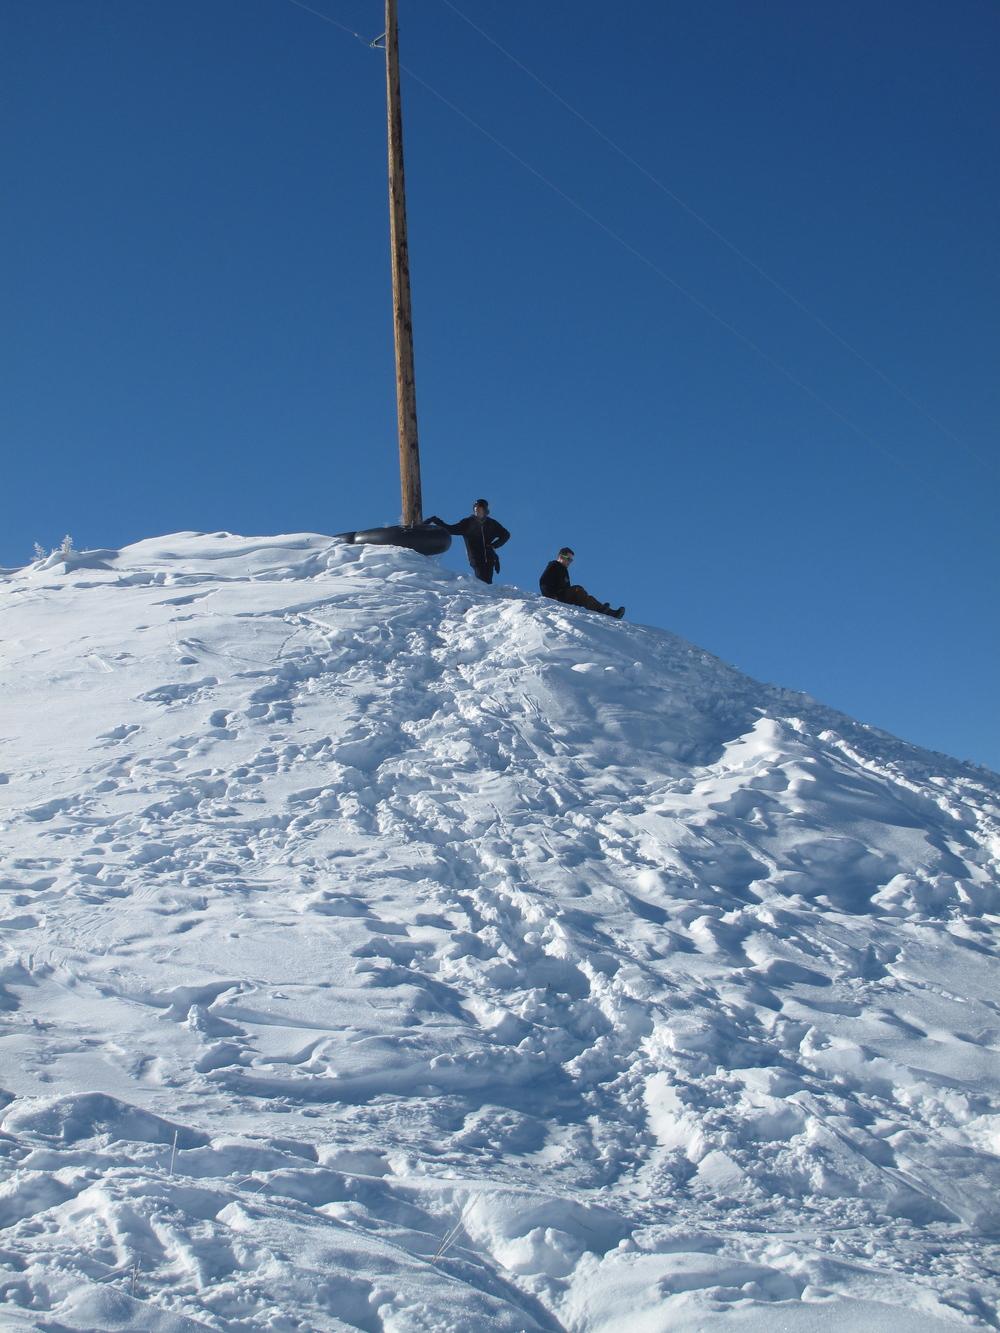 Urban sledding on snowy hill in Colorado